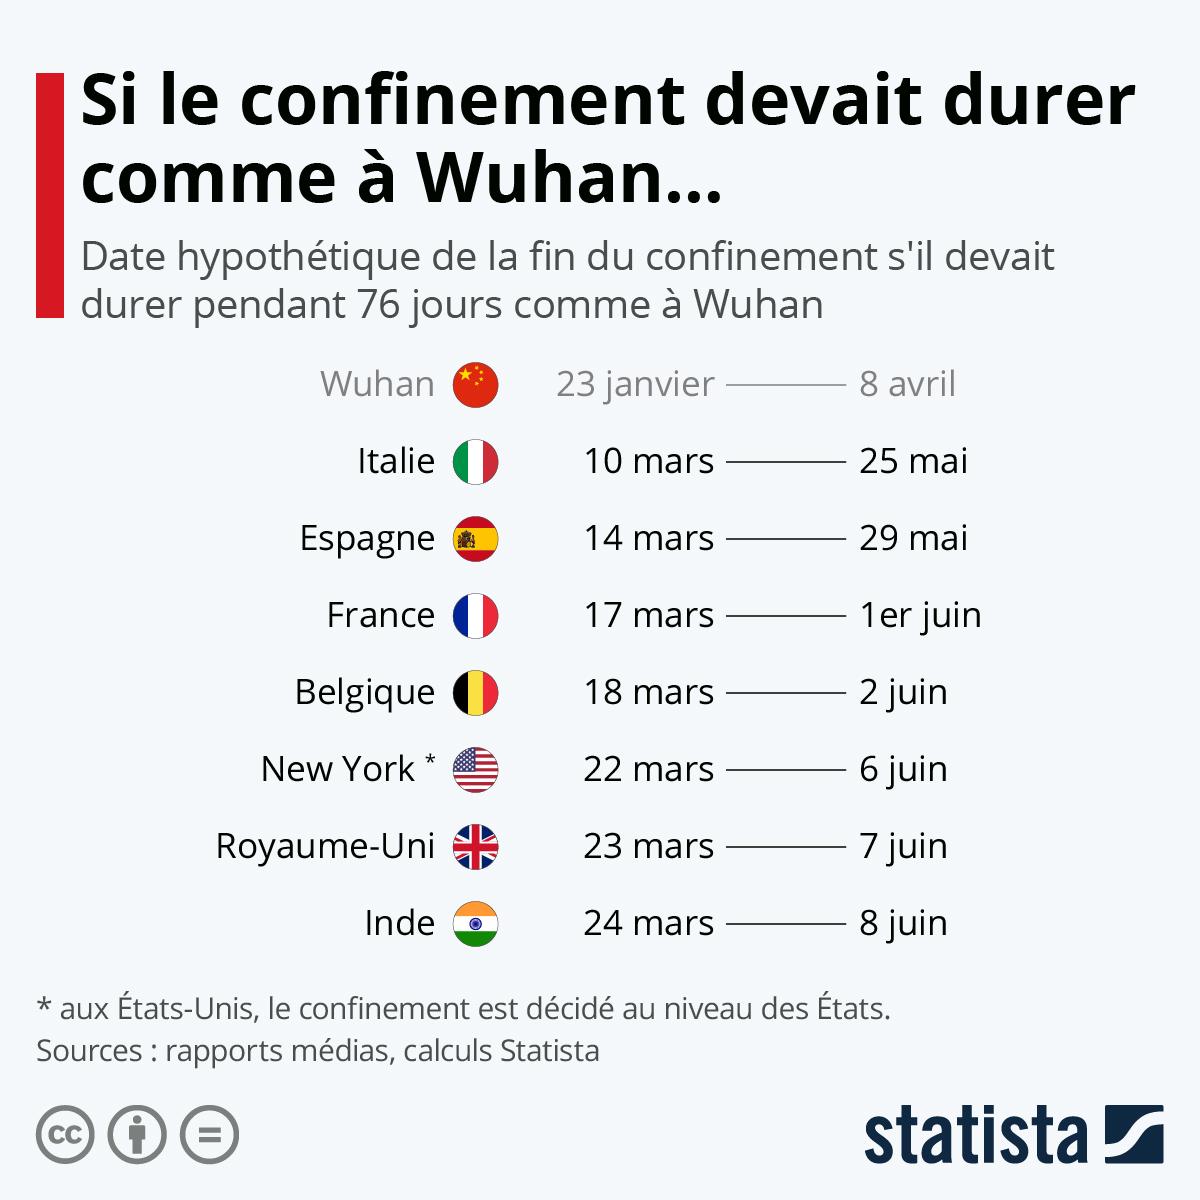 Graphique A Quelle Date Le Confinement Prendrait Il Fin S Il Devait Durer Comme A Wuhan Statista